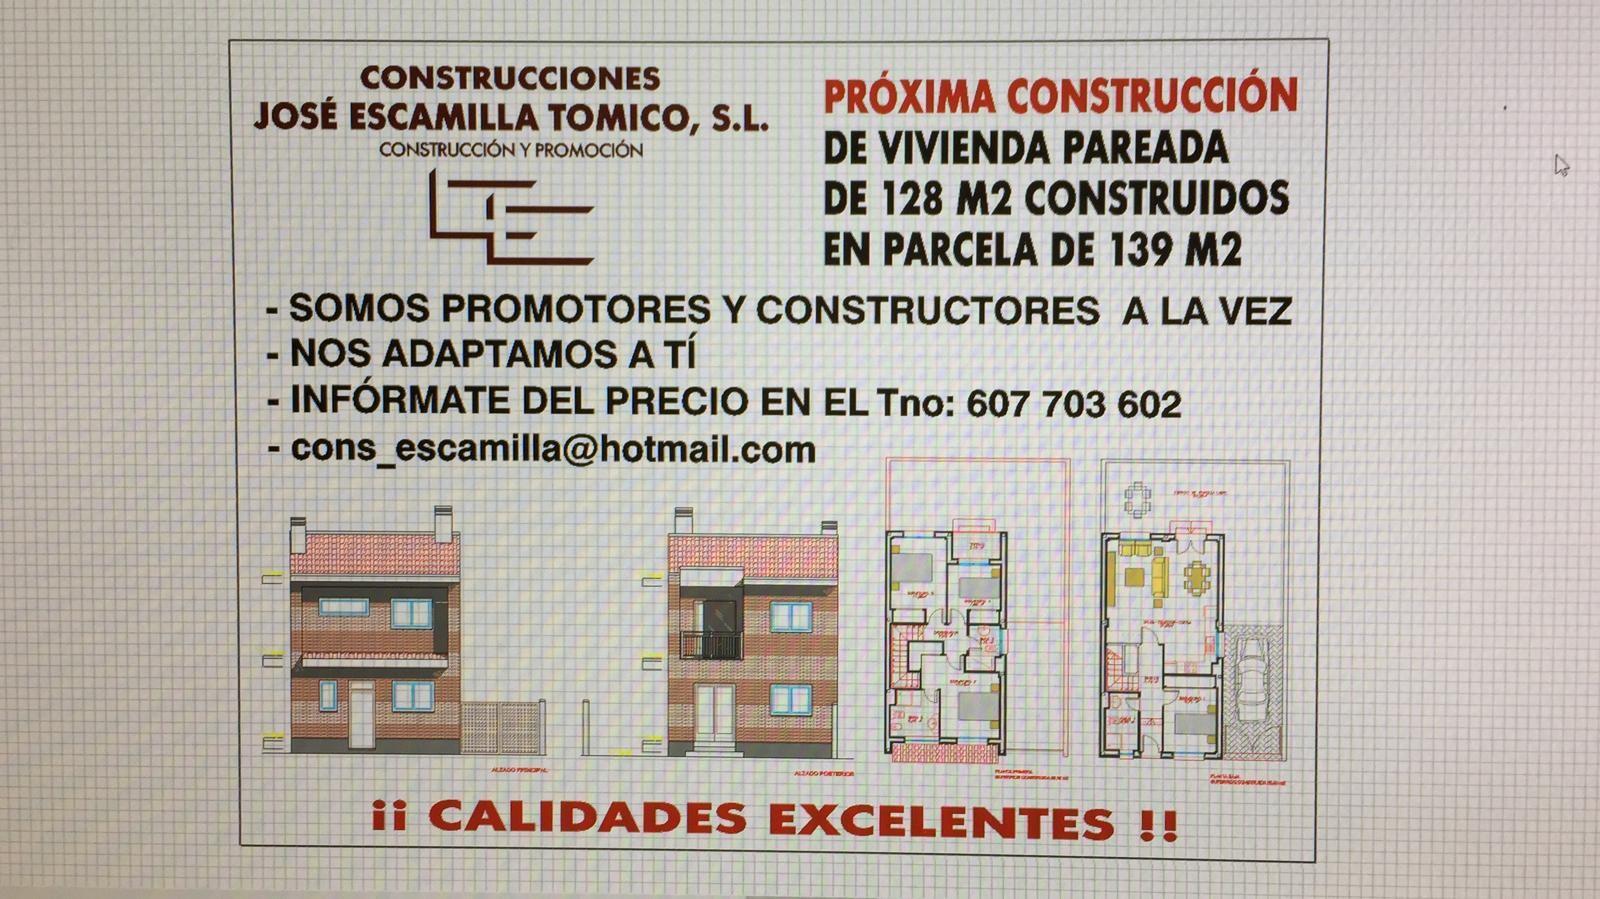 Construcciones José Escamilla Tomico